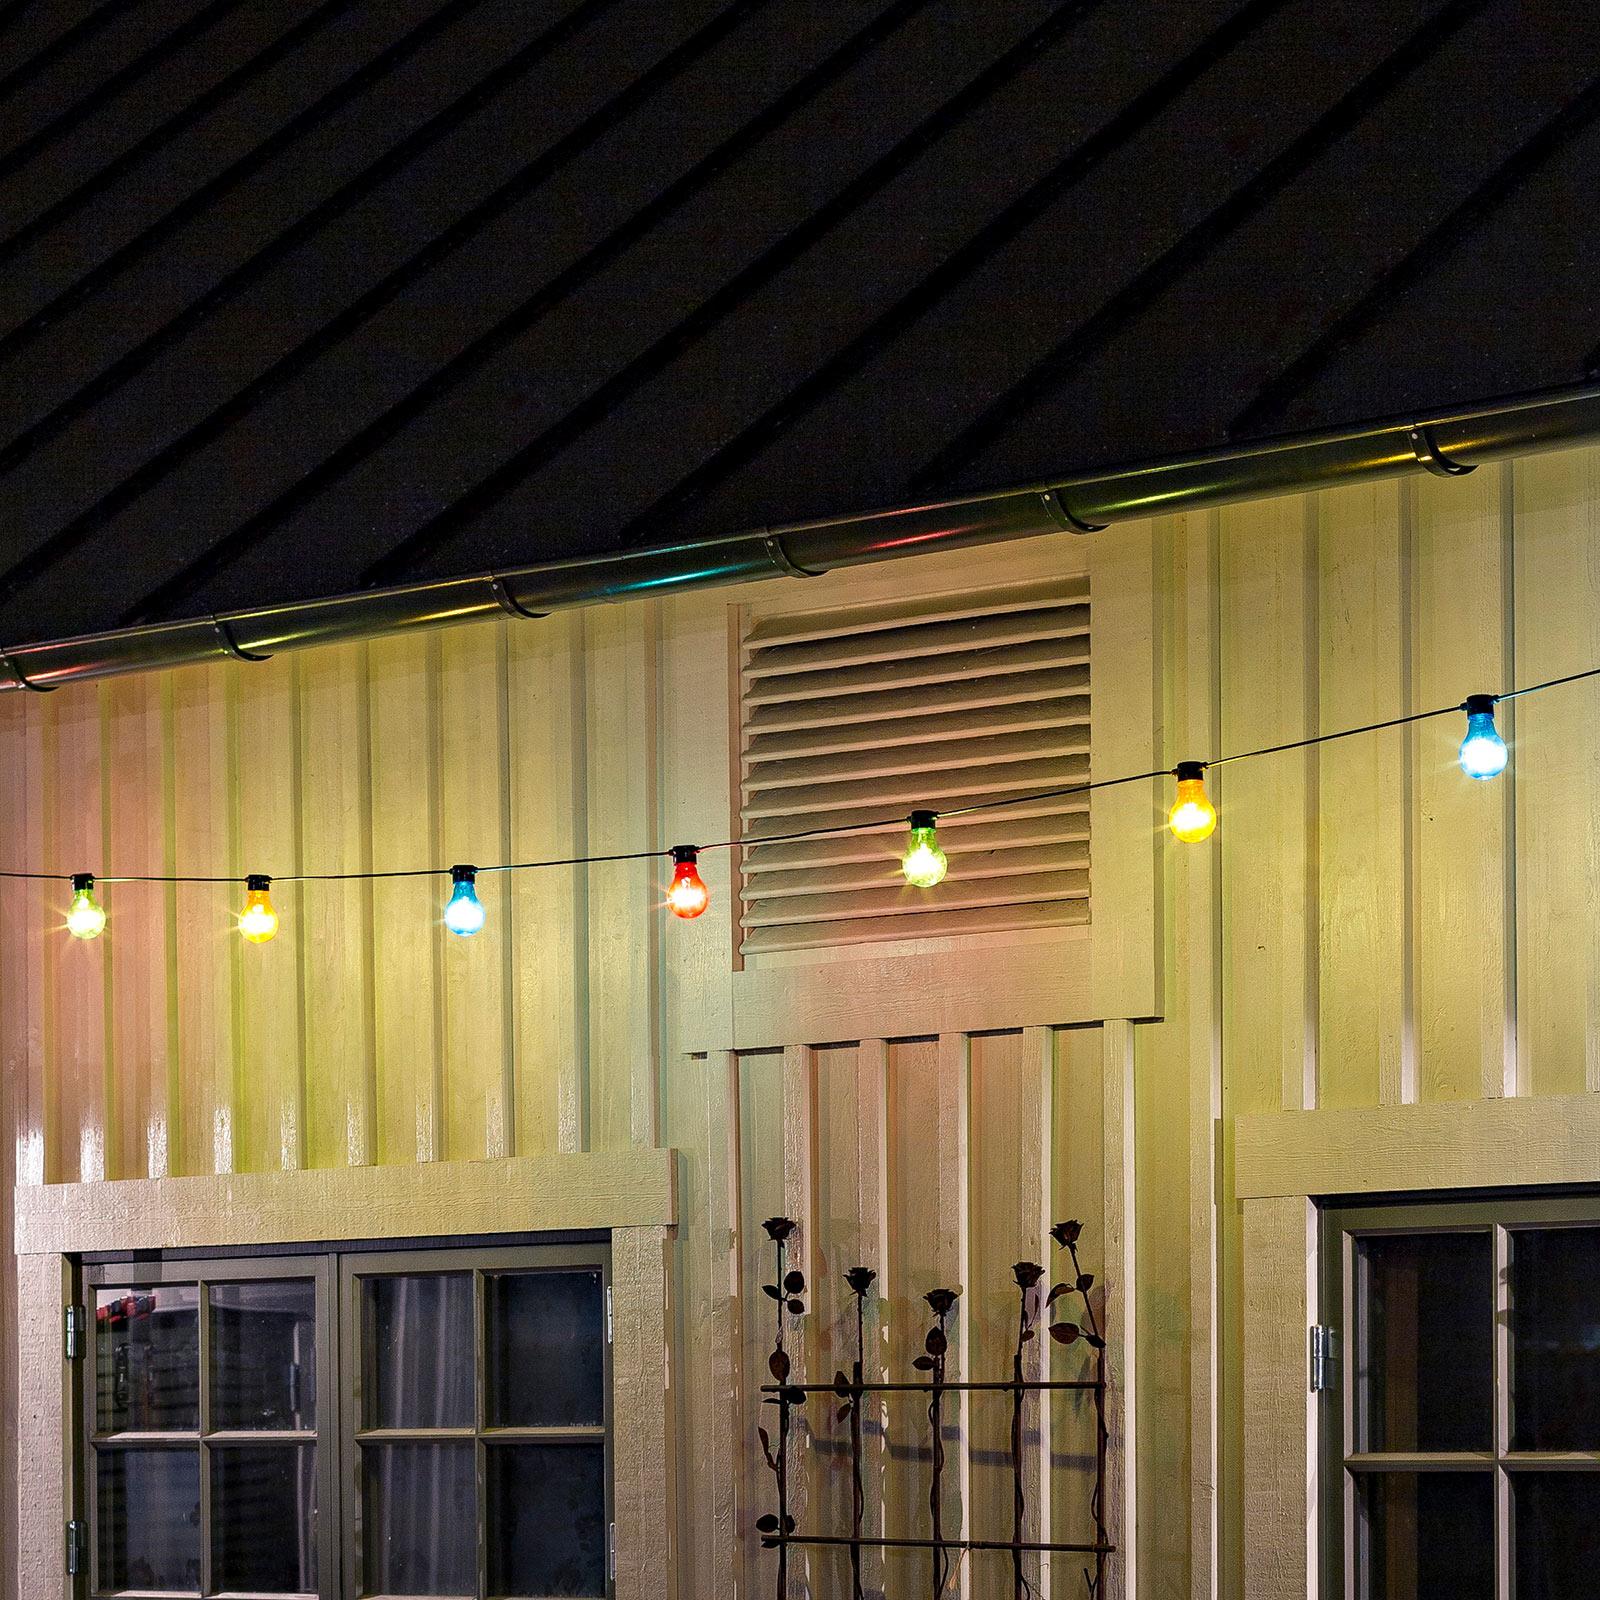 Łańcuch świetlny Biergarten 10 żarówek LED